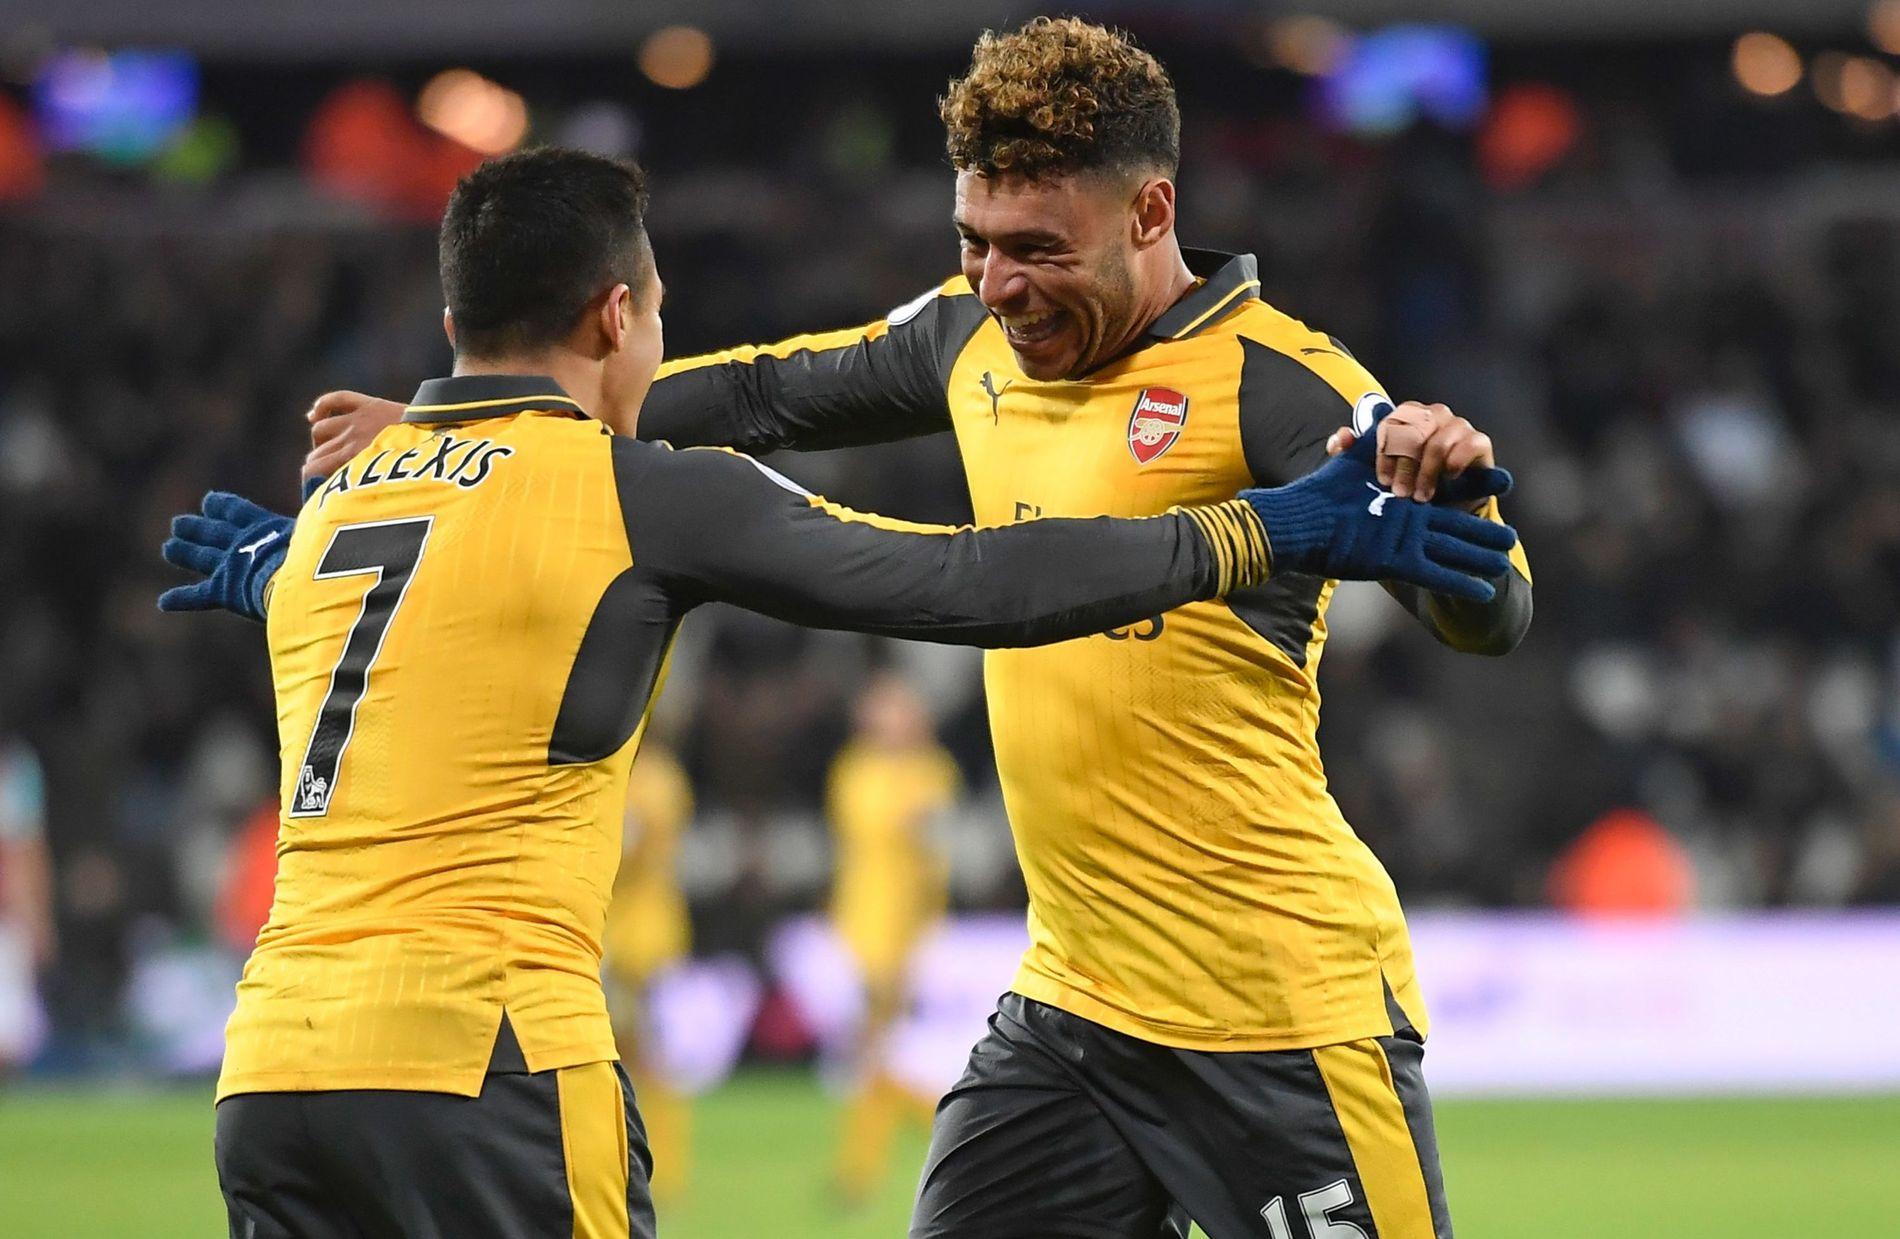 SKAPER HODEBRY: Alexis Sánchez (t.v.) og Alex Oxlade-Chamberlain har begge kontrakter som går ut på sommeren i 2018. Det skaper bekymring for Arsenal.